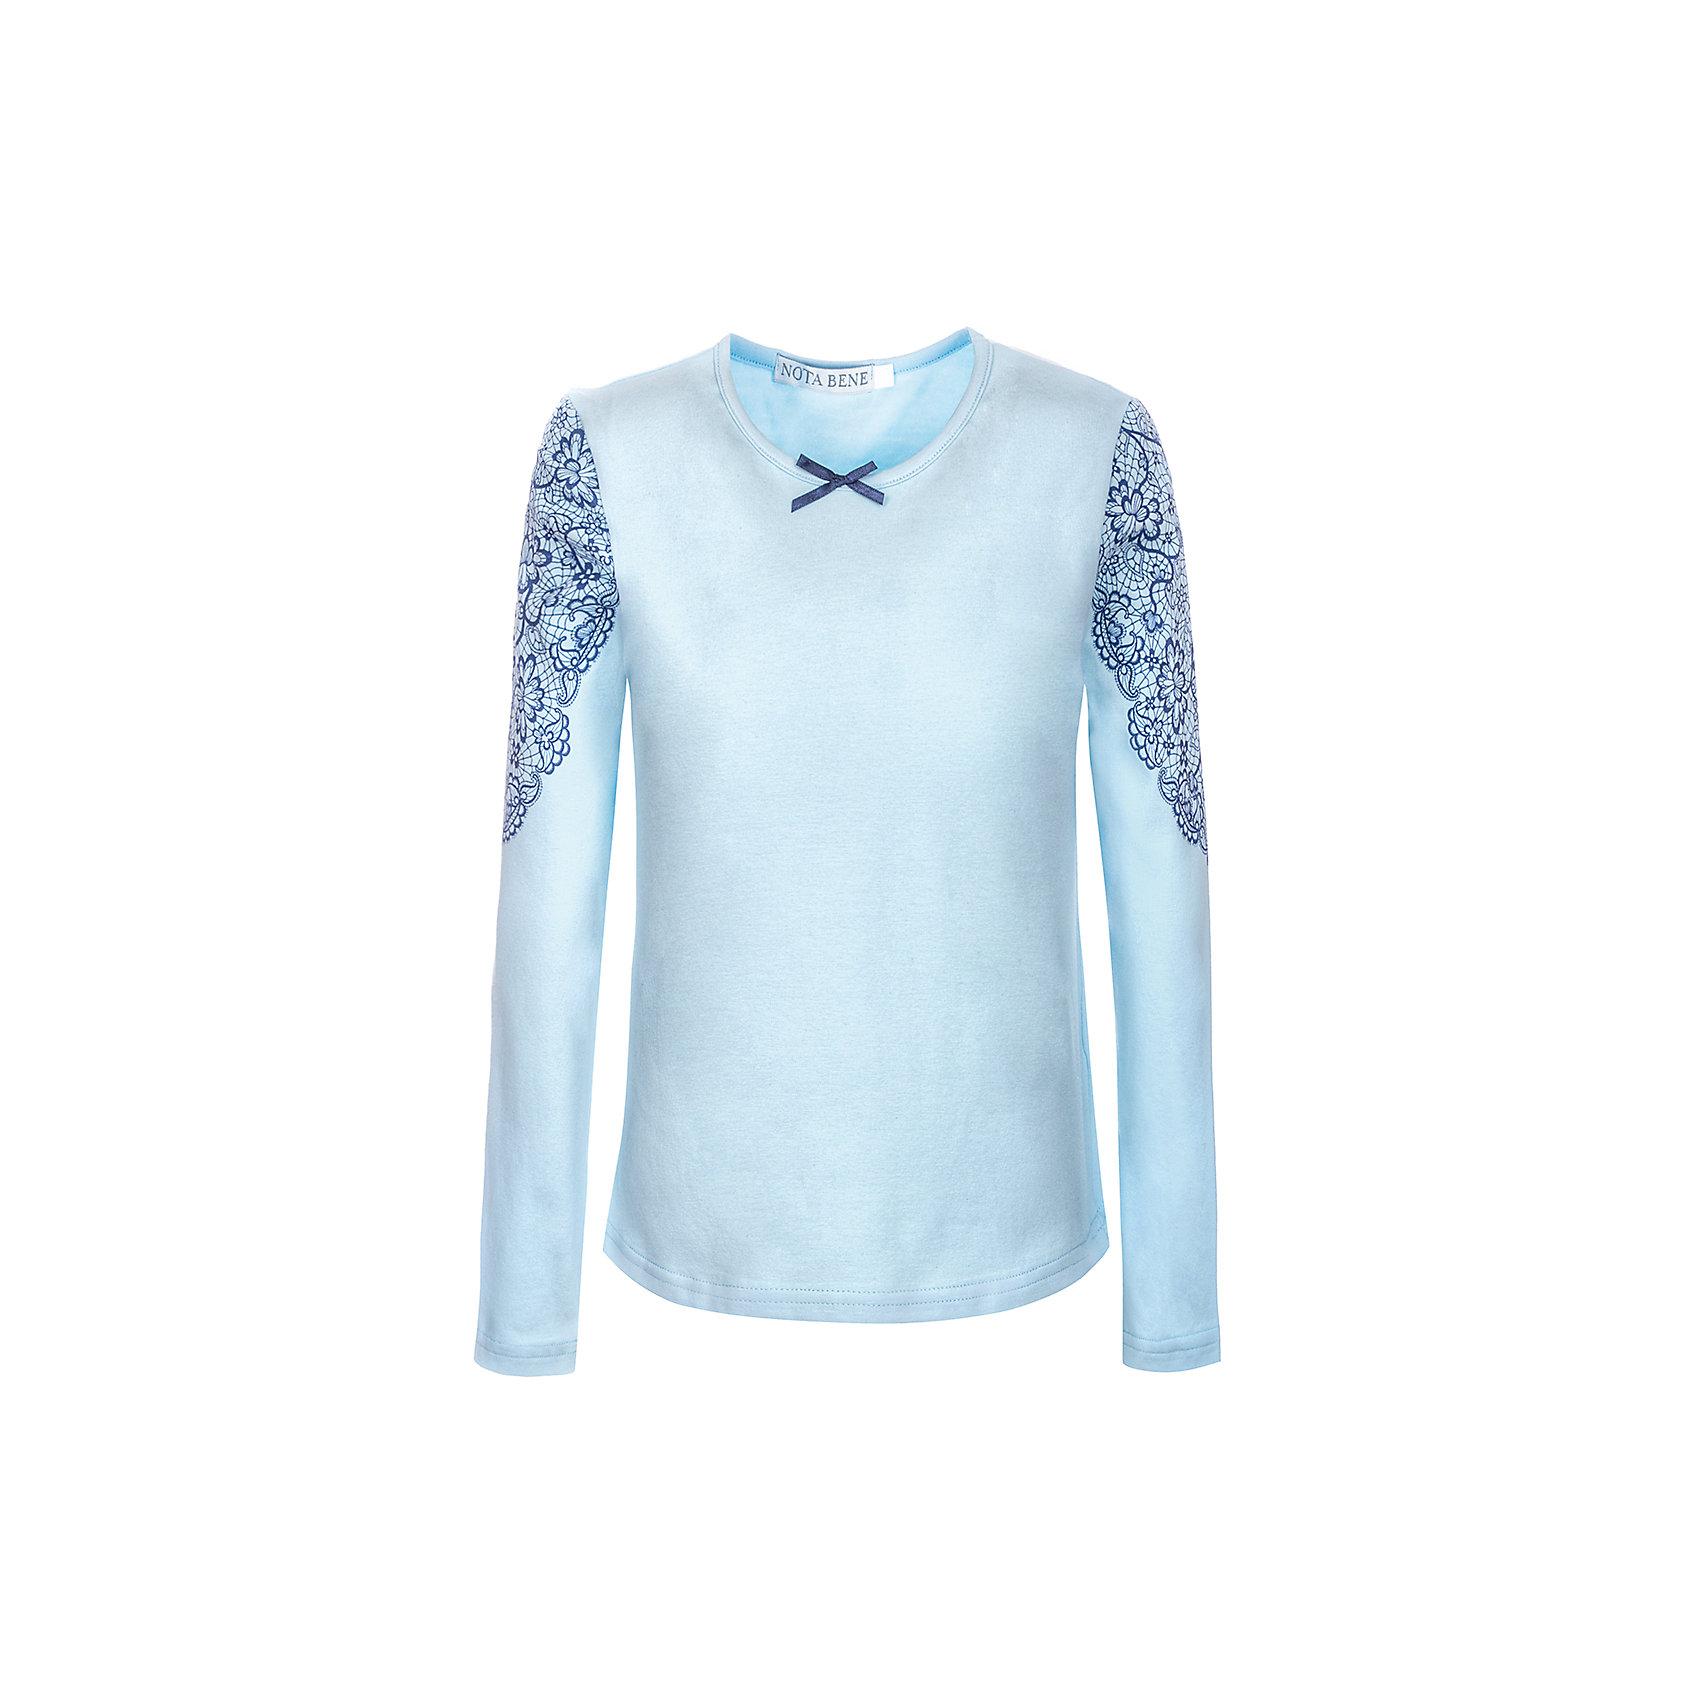 Блузка Nota Bene для девочкиБлузки и рубашки<br>Блузка с длинными рукавами с кружевной отделкой<br>Соответствует размеру<br>Рекомендована предварительная стирка<br>Состав:<br>92% хлопок; 8% лайкра<br><br>Ширина мм: 186<br>Глубина мм: 87<br>Высота мм: 198<br>Вес г: 197<br>Цвет: голубой<br>Возраст от месяцев: 120<br>Возраст до месяцев: 132<br>Пол: Женский<br>Возраст: Детский<br>Размер: 146,164,158,152<br>SKU: 7011999